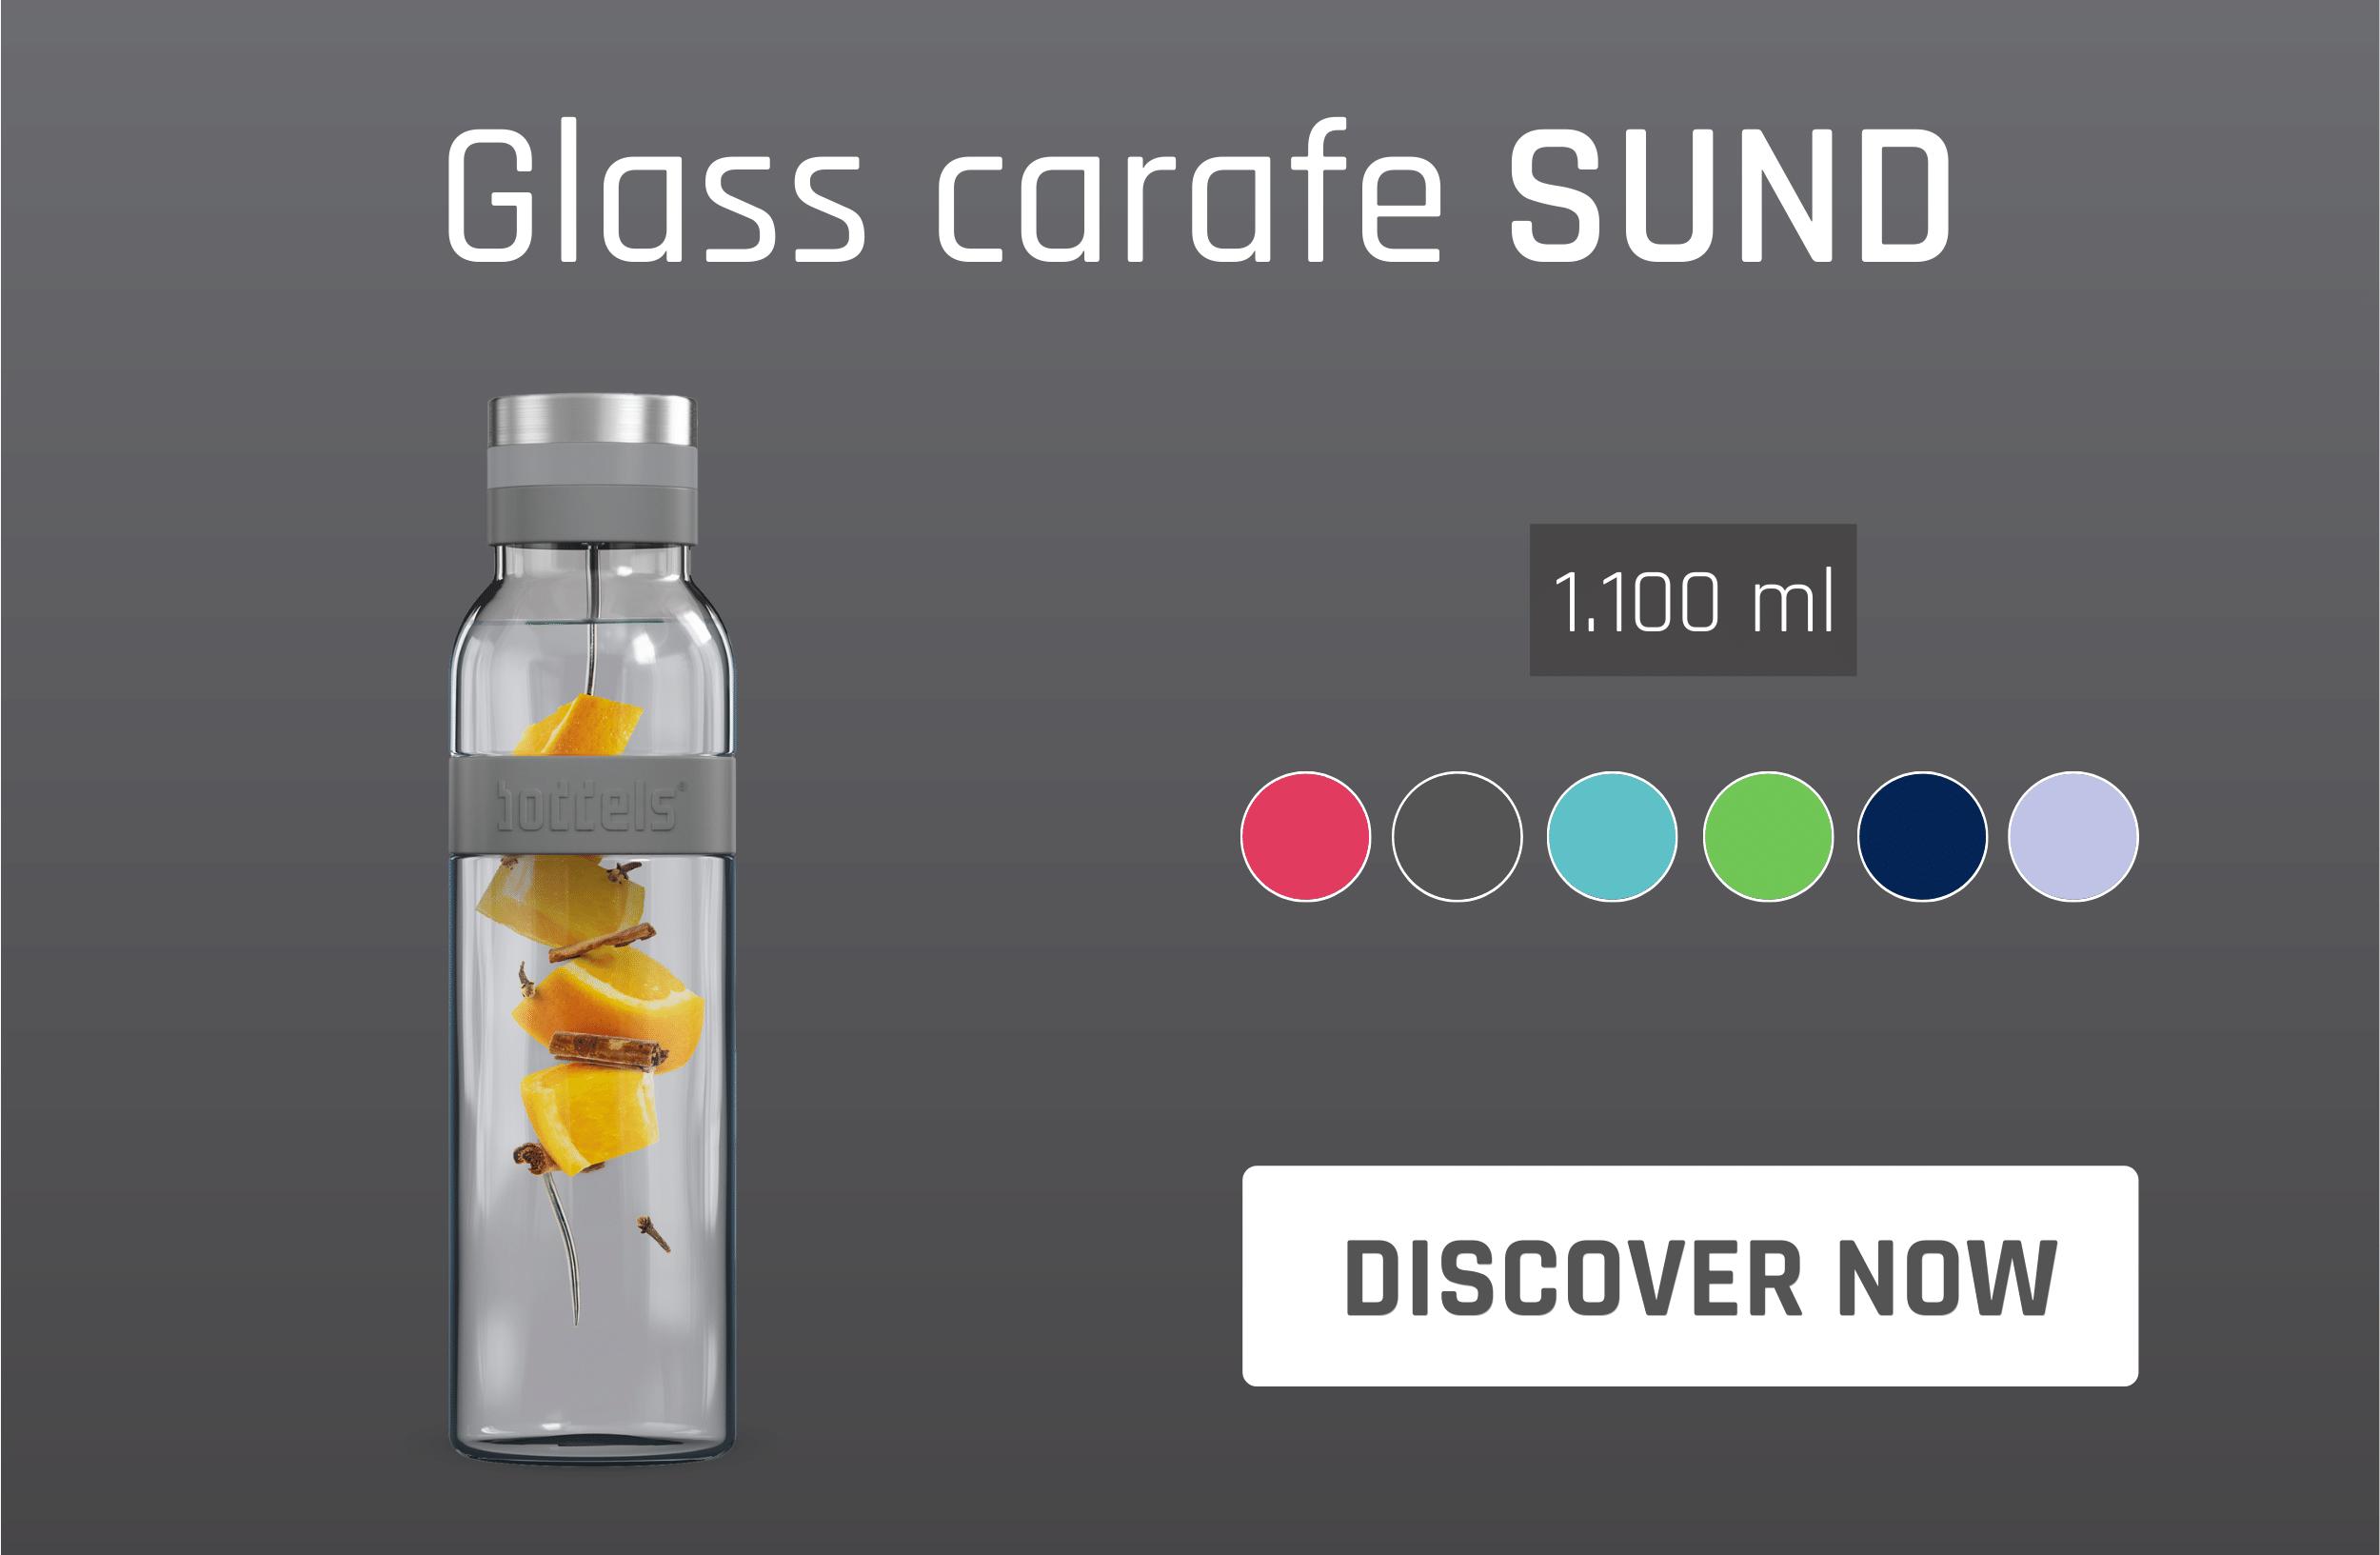 Glass carafe SUND